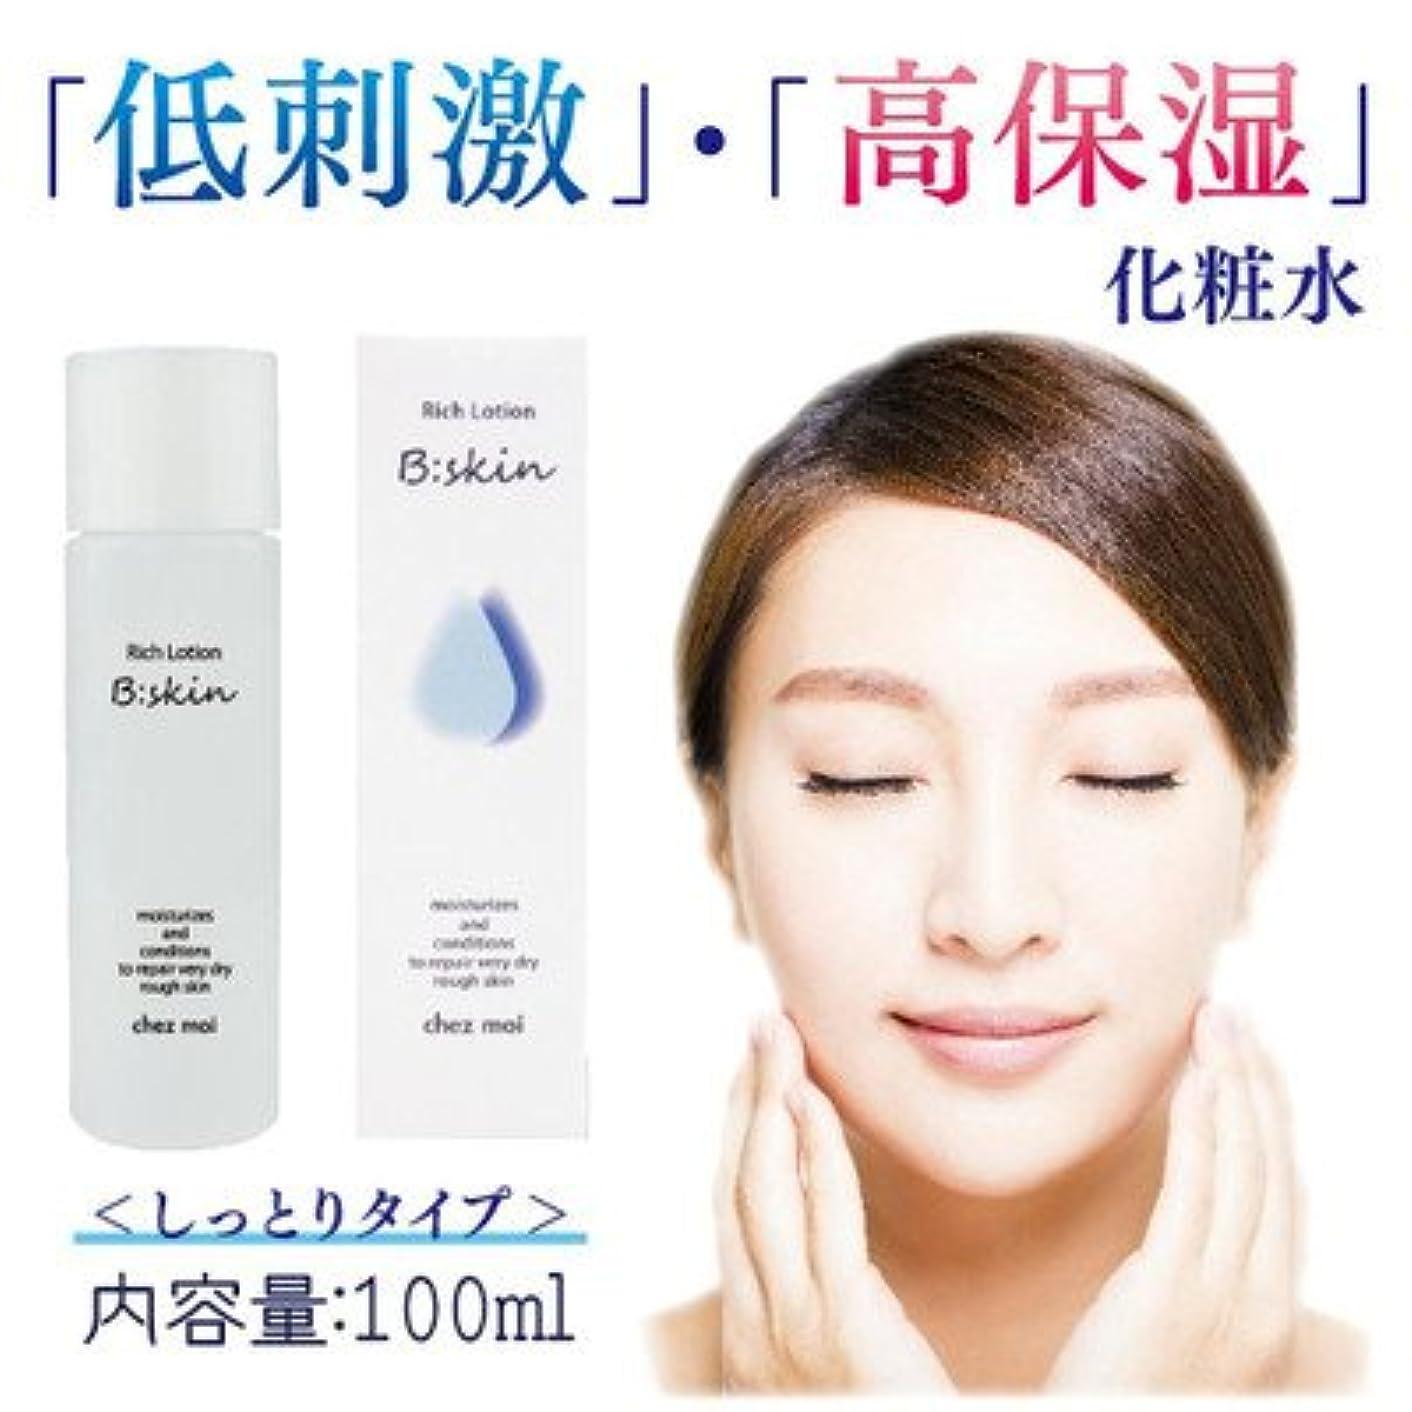 ムス確認緩む低刺激 高保湿 しっとりタイプの化粧水 B:skin ビースキン Rich Lotion リッチローション しっとりタイプ 化粧水 100mL